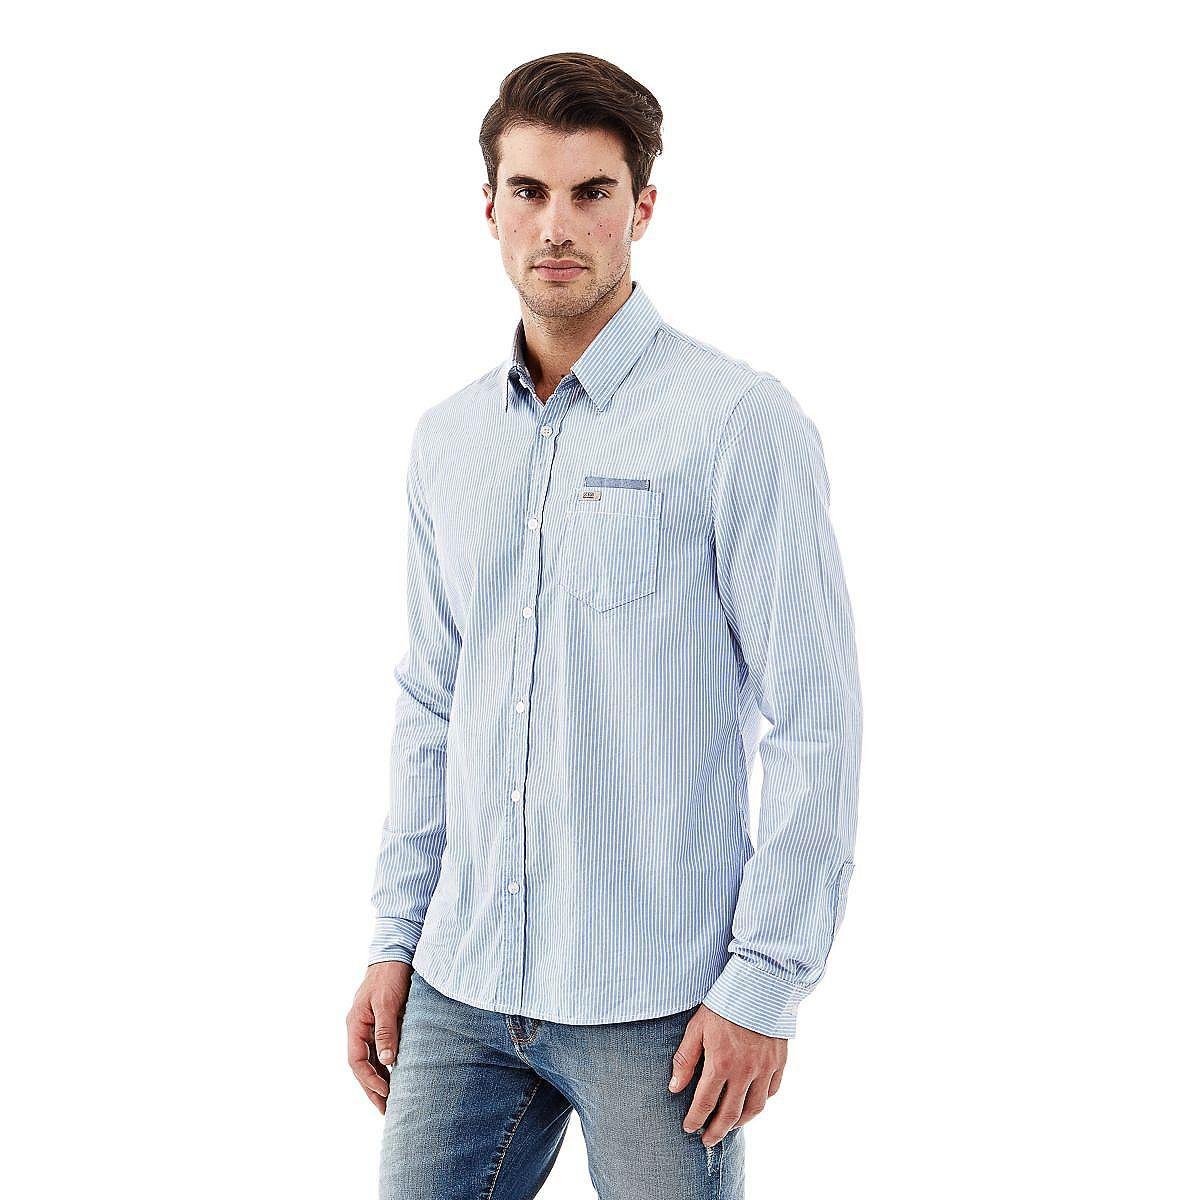 Hemd detachable Collar    Ein gestreiftes Hemd ist immer eine optimale Wahl. Ein trageangenehmer Stoff in Kombination mit einem klassischen Schnitt: Auch die aufgesetzte Brusttasche steht für moderne Eleganz.    Aufgesetzte Brusttasche.  Verschluss mit Knöpfen.  100% Baumwolle.  Maschinenwäsche bei 30°.  Abgebildet ist Größe M, Maße:  Gesamtlänge ca. 78 cm.  Schultern ca. 46 cm.  Fällt größenge...